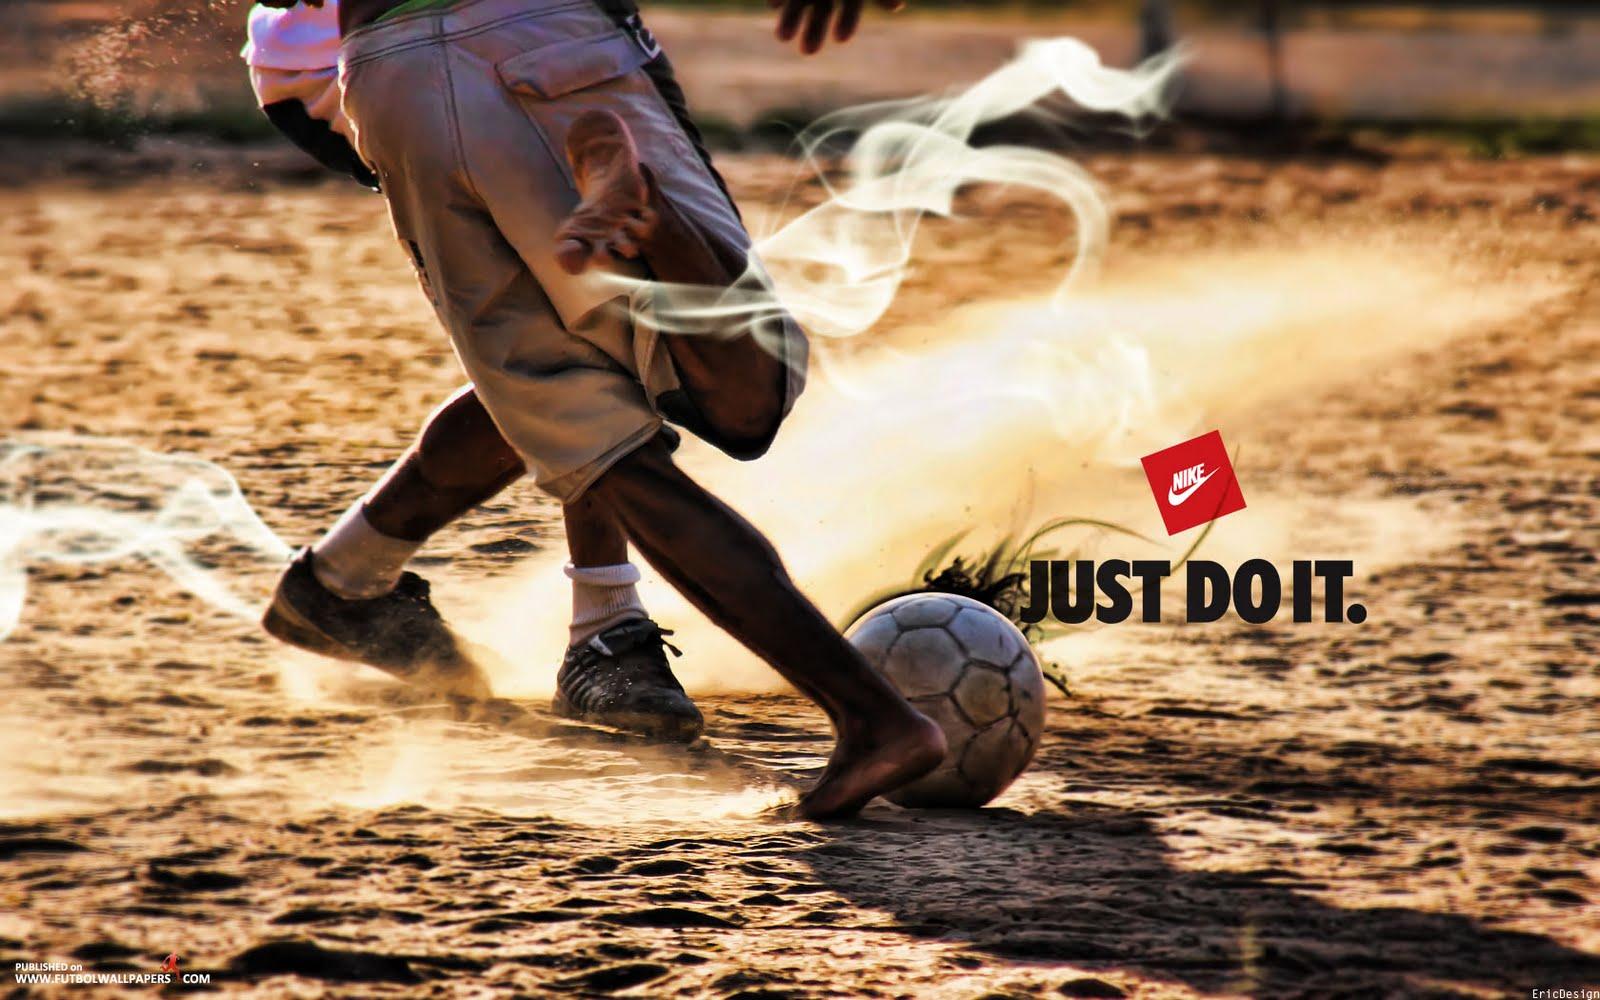 Nike soccer ads 2013